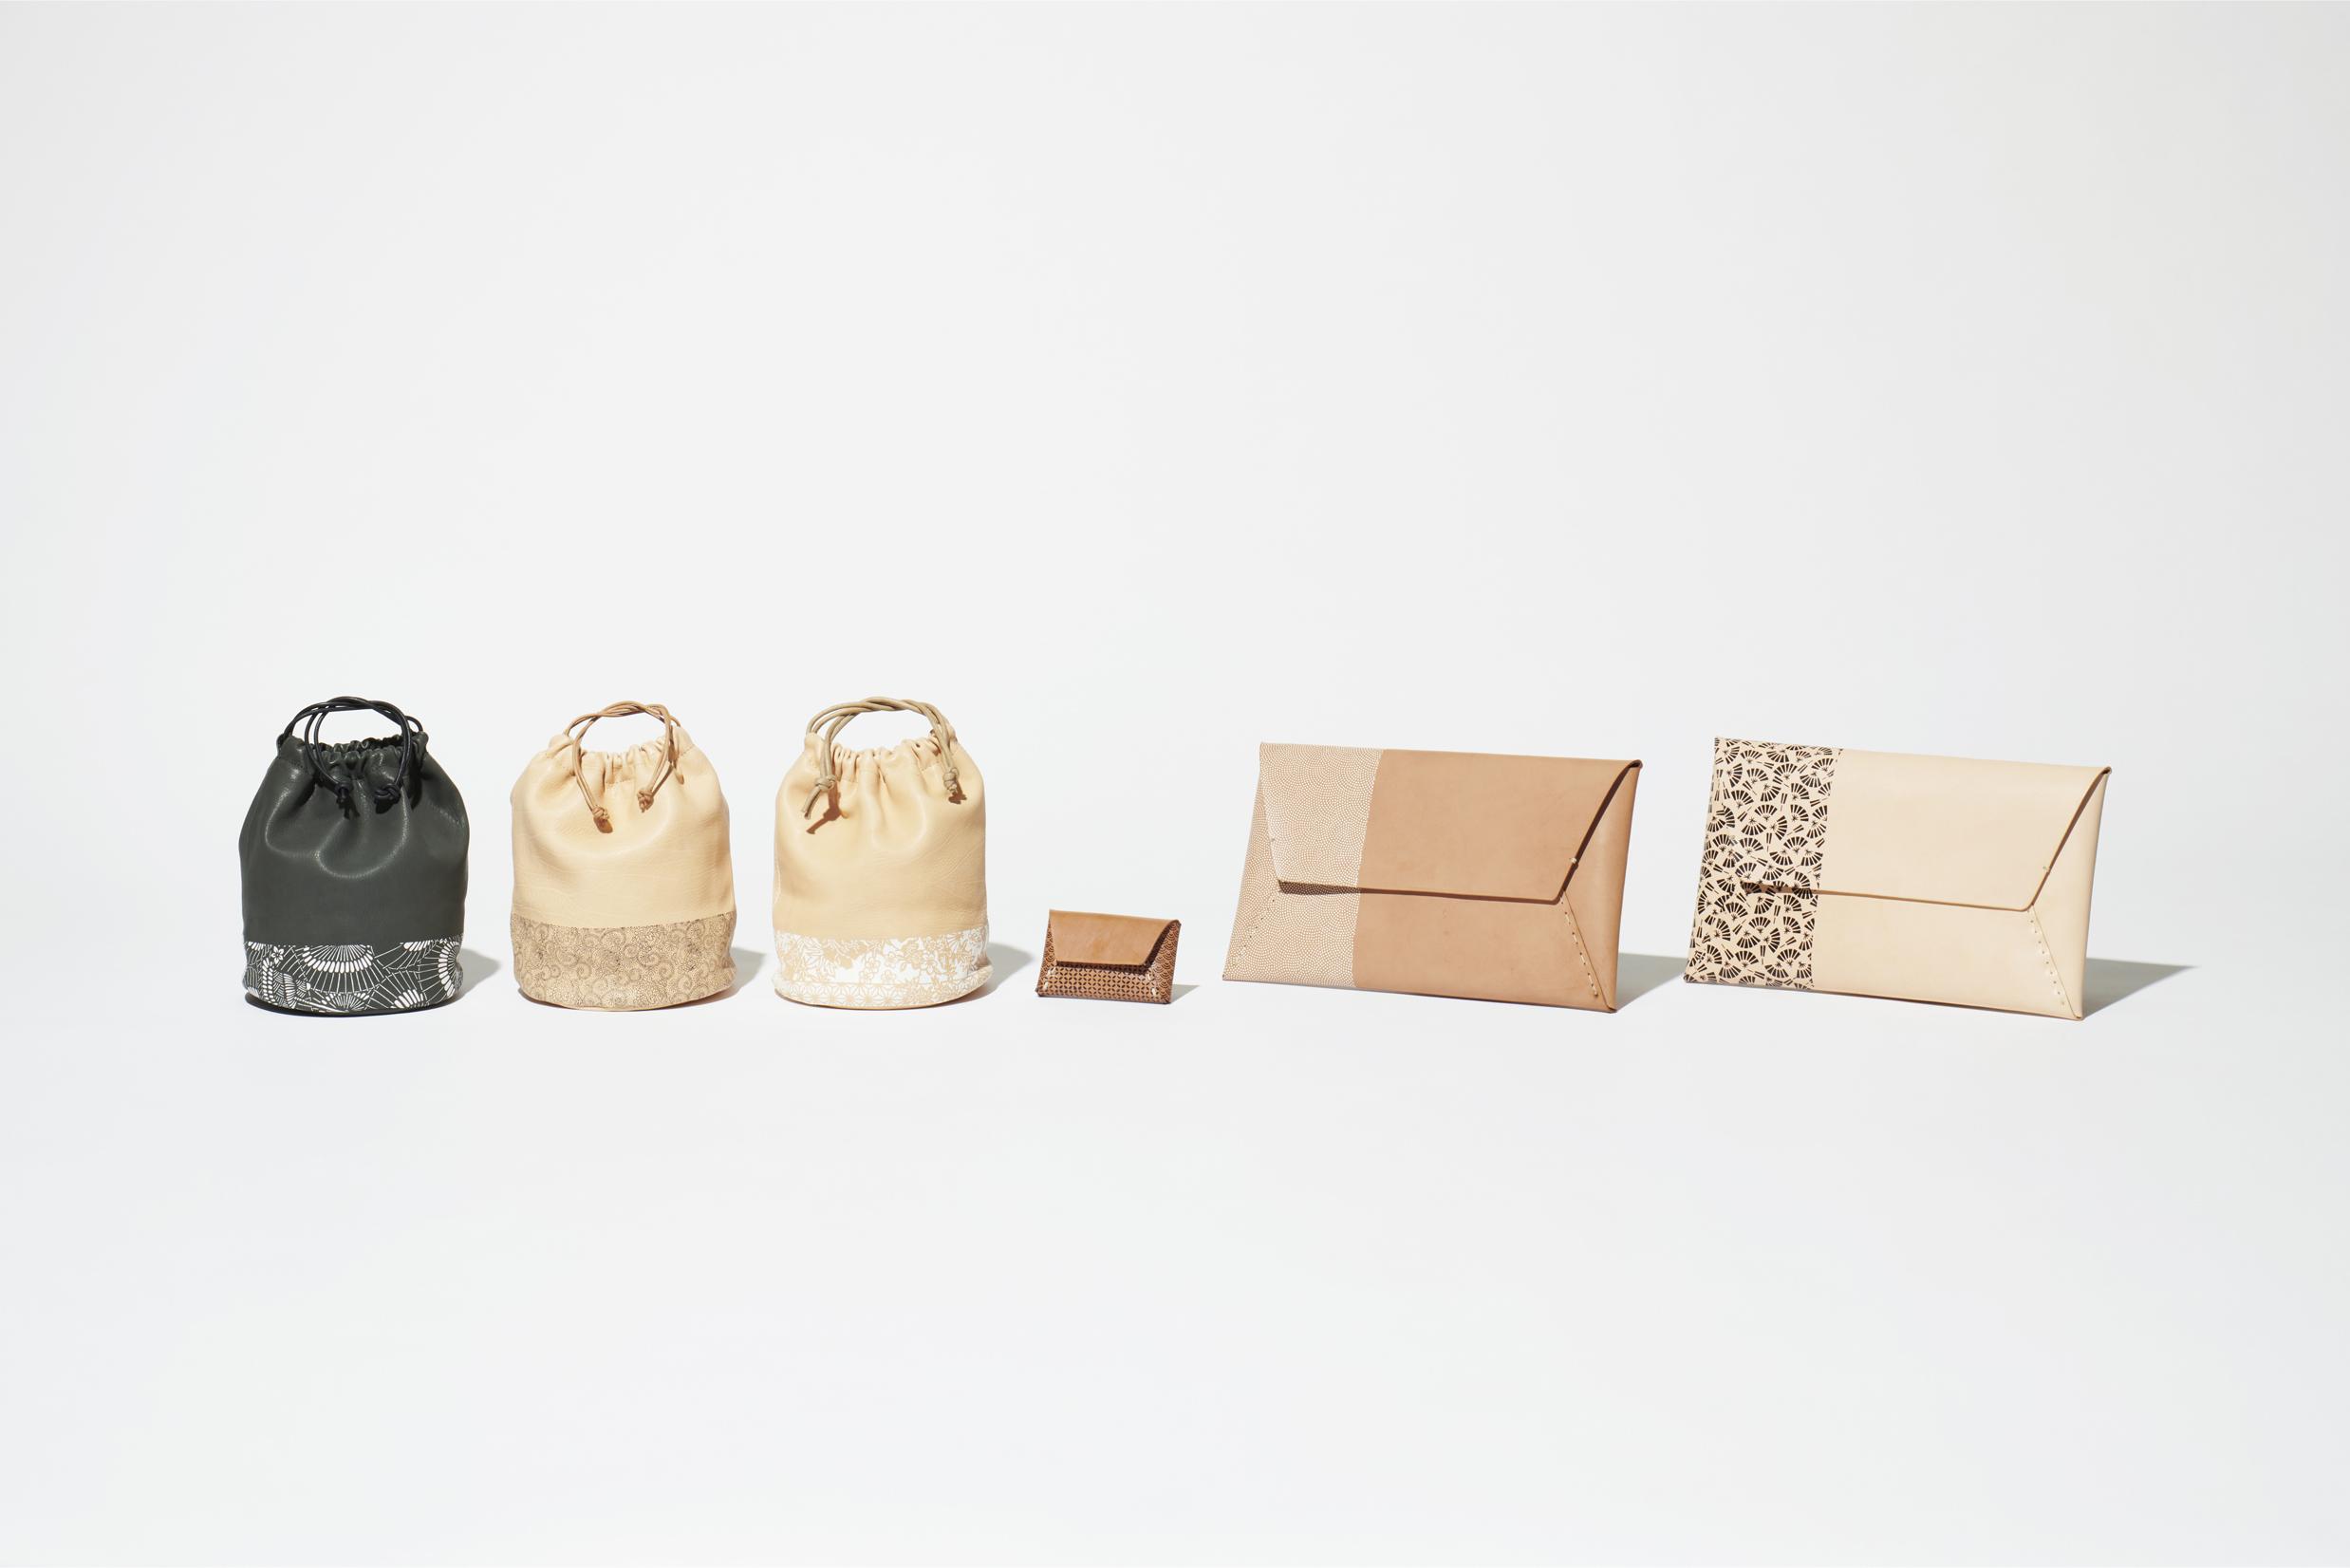 Edo Komon Leather Series